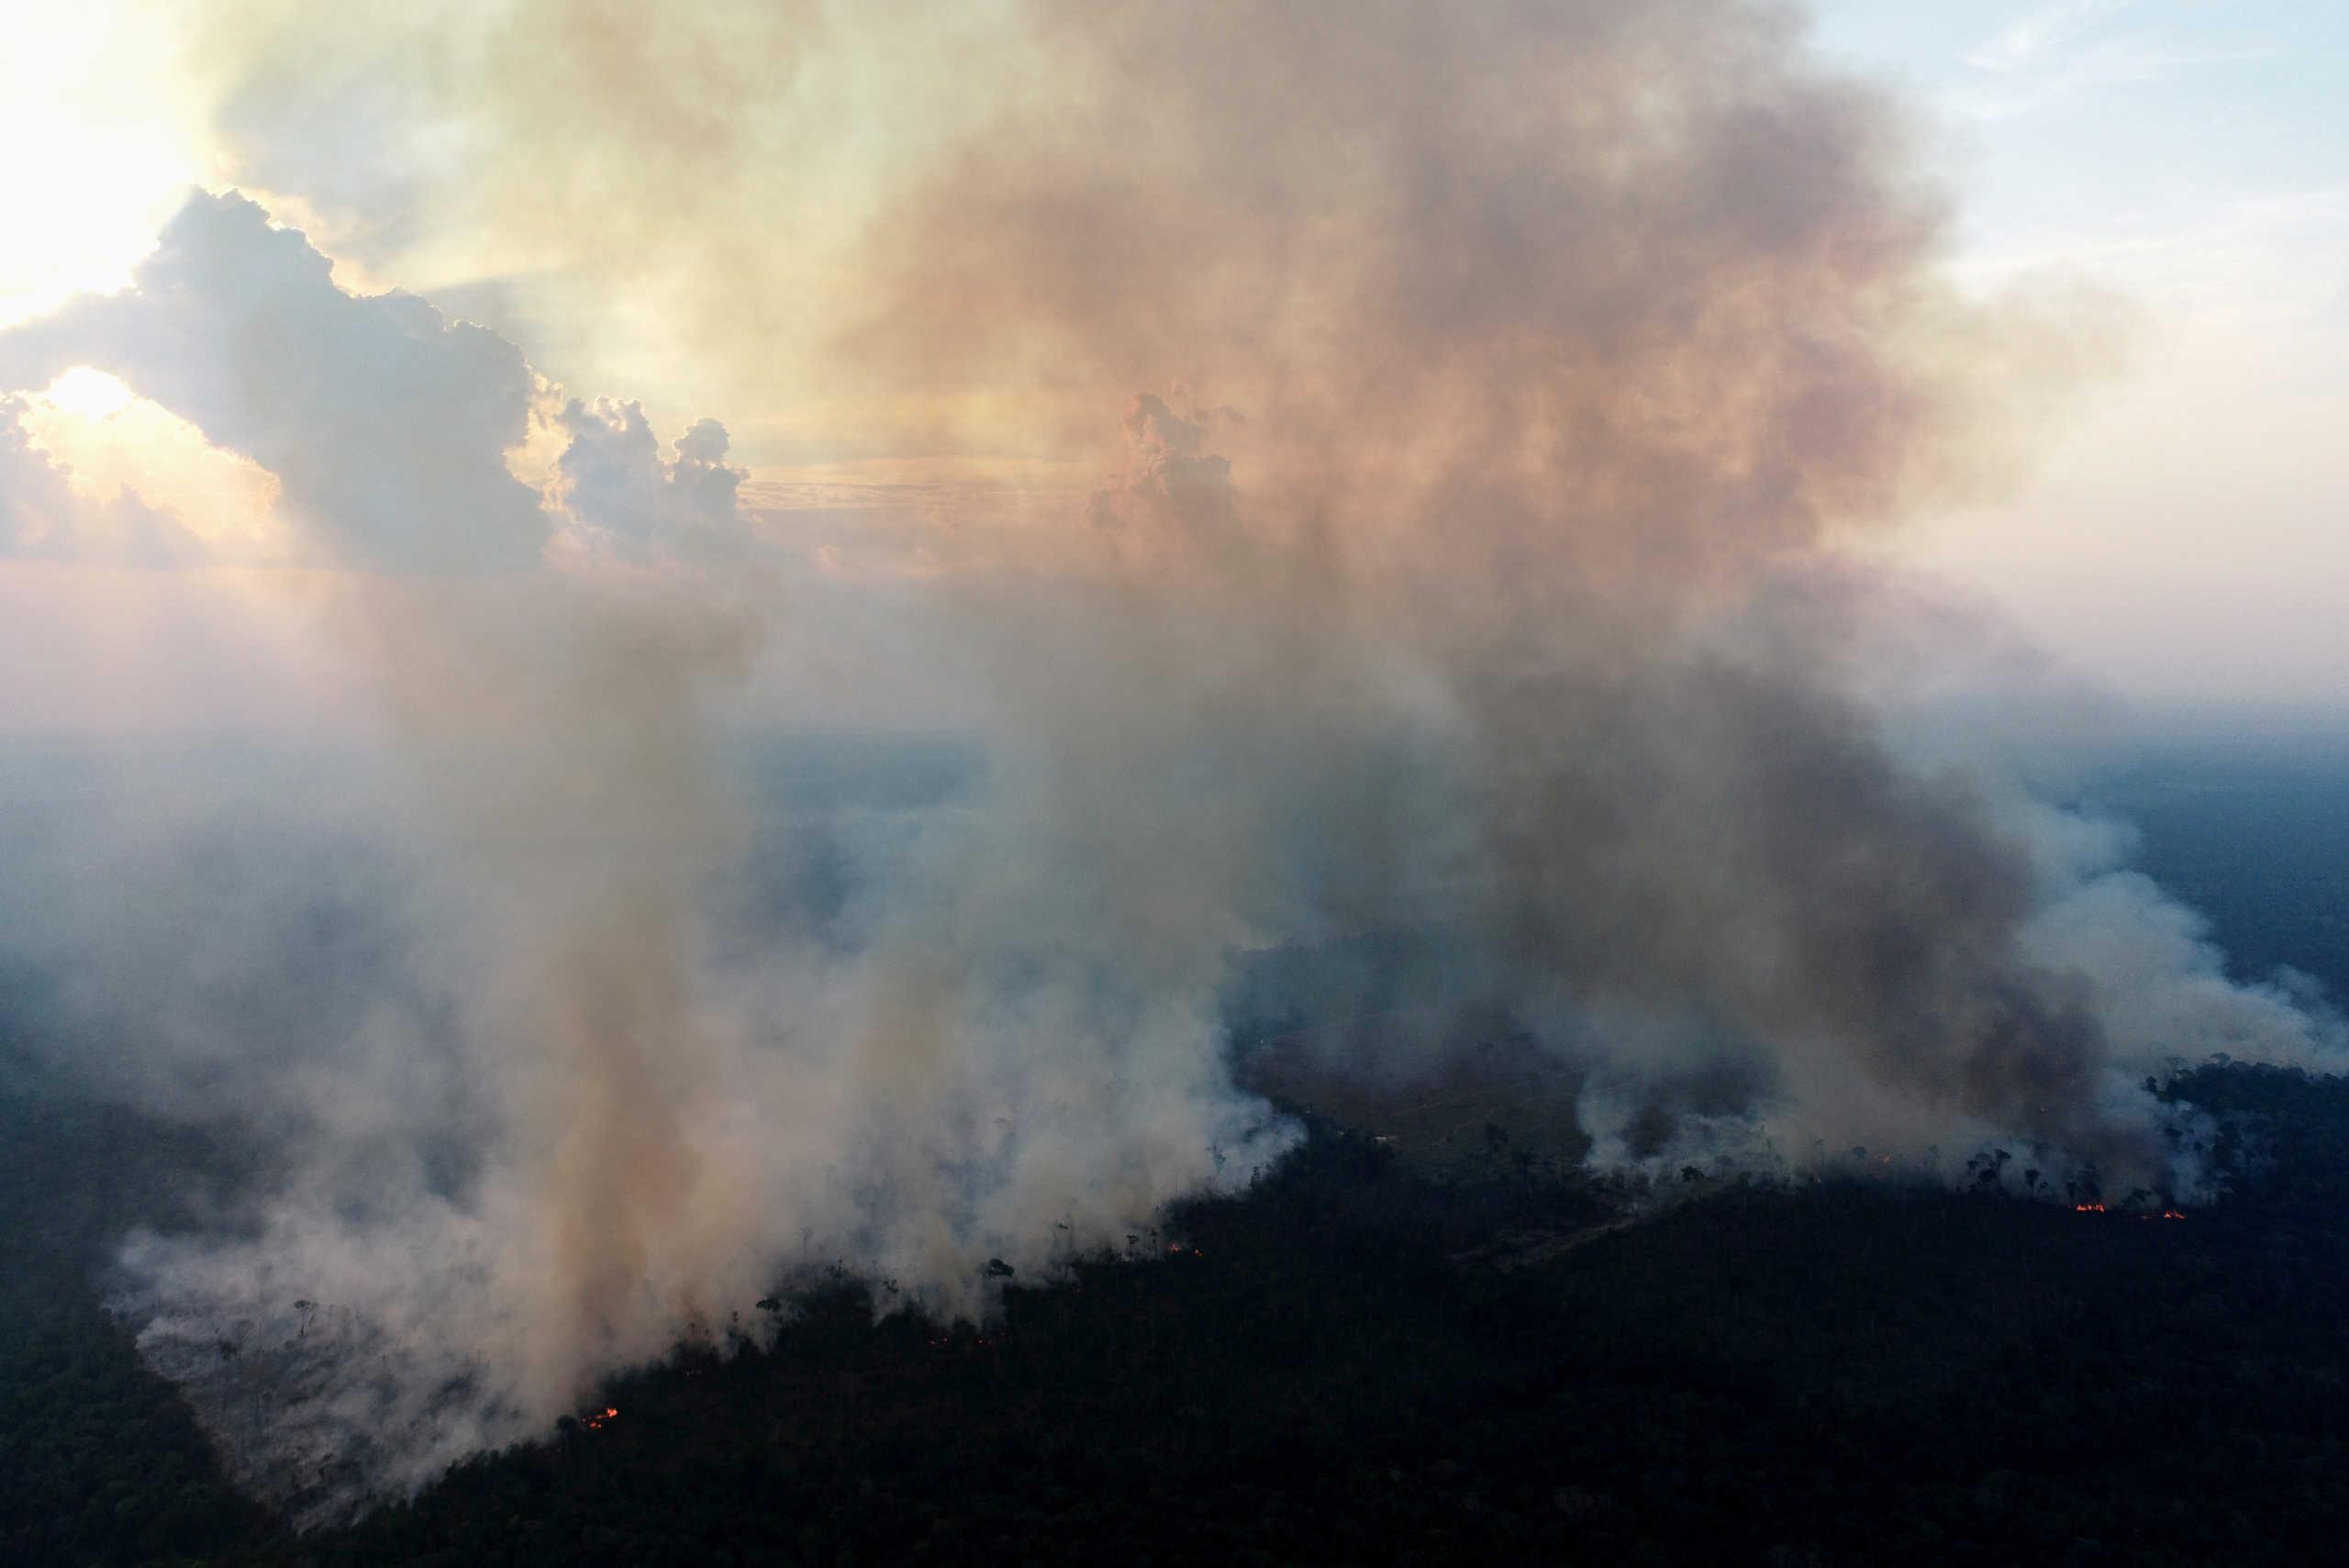 Νέα καταστροφή στον Αμαζόνιο! Φωτιές κατακαίνε τα δάση (pics)